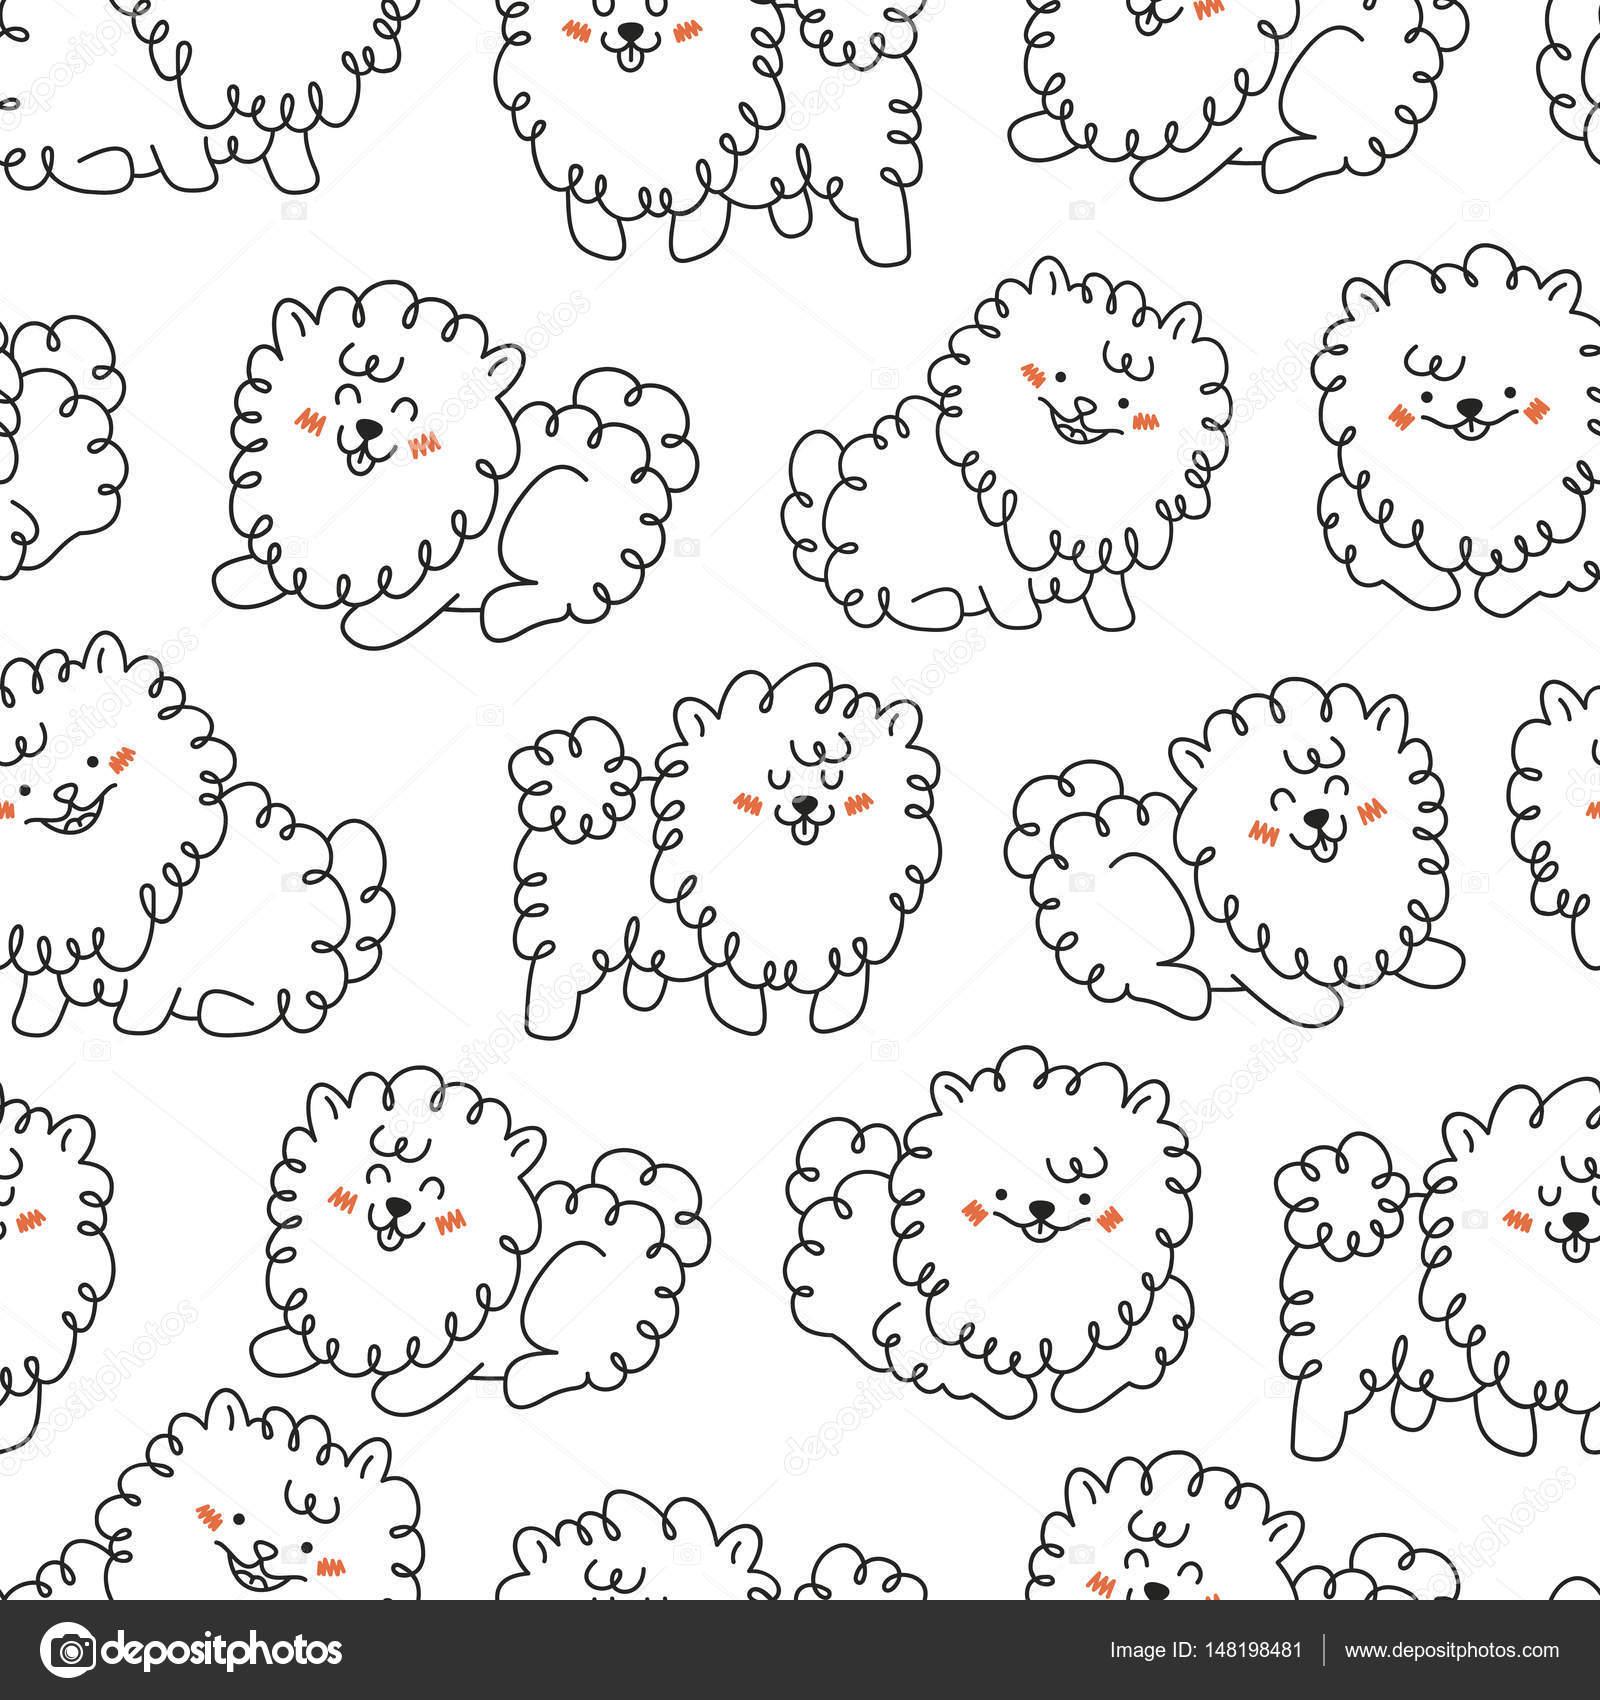 かわいい犬のシームレスなパターン手書きの動物背景ベクトル図